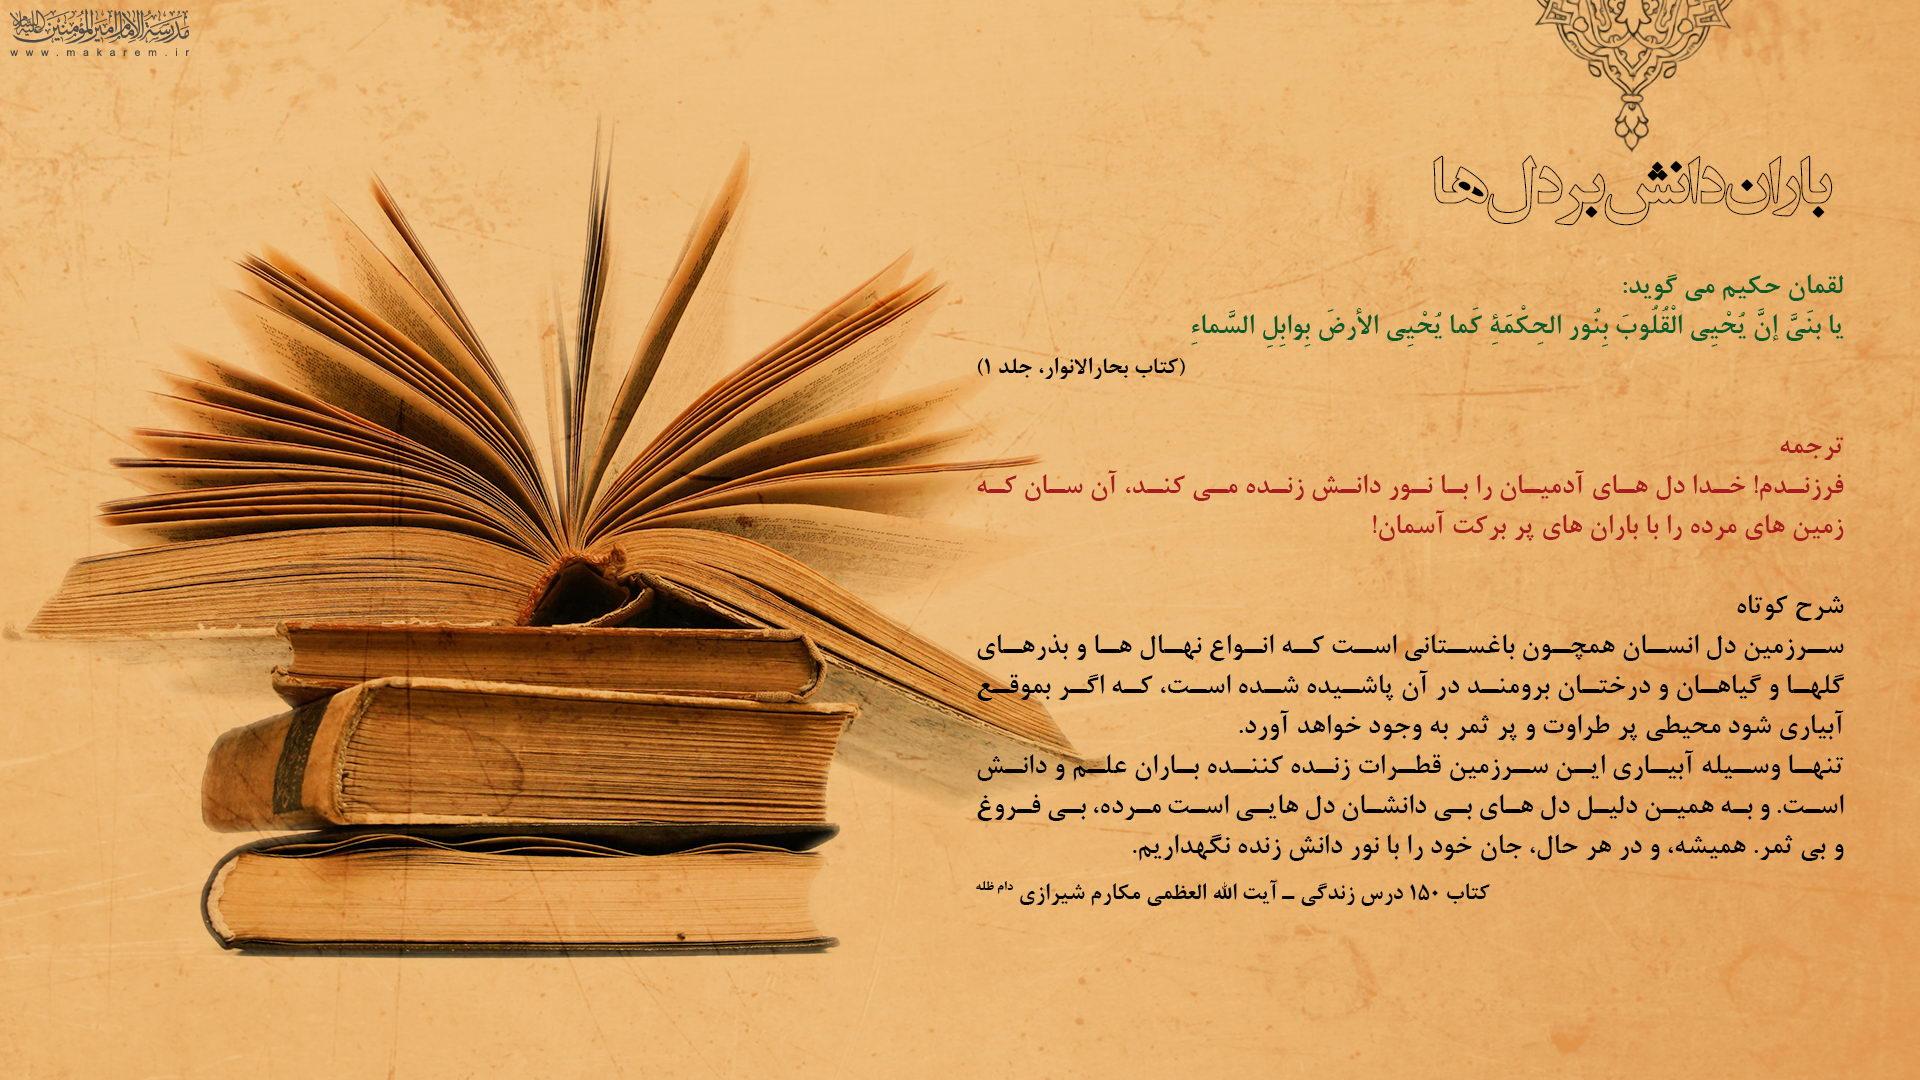 پند تصویر یکصد و پنجاه درس زندگی-مدرسه الامام امیر المومنین (ع)